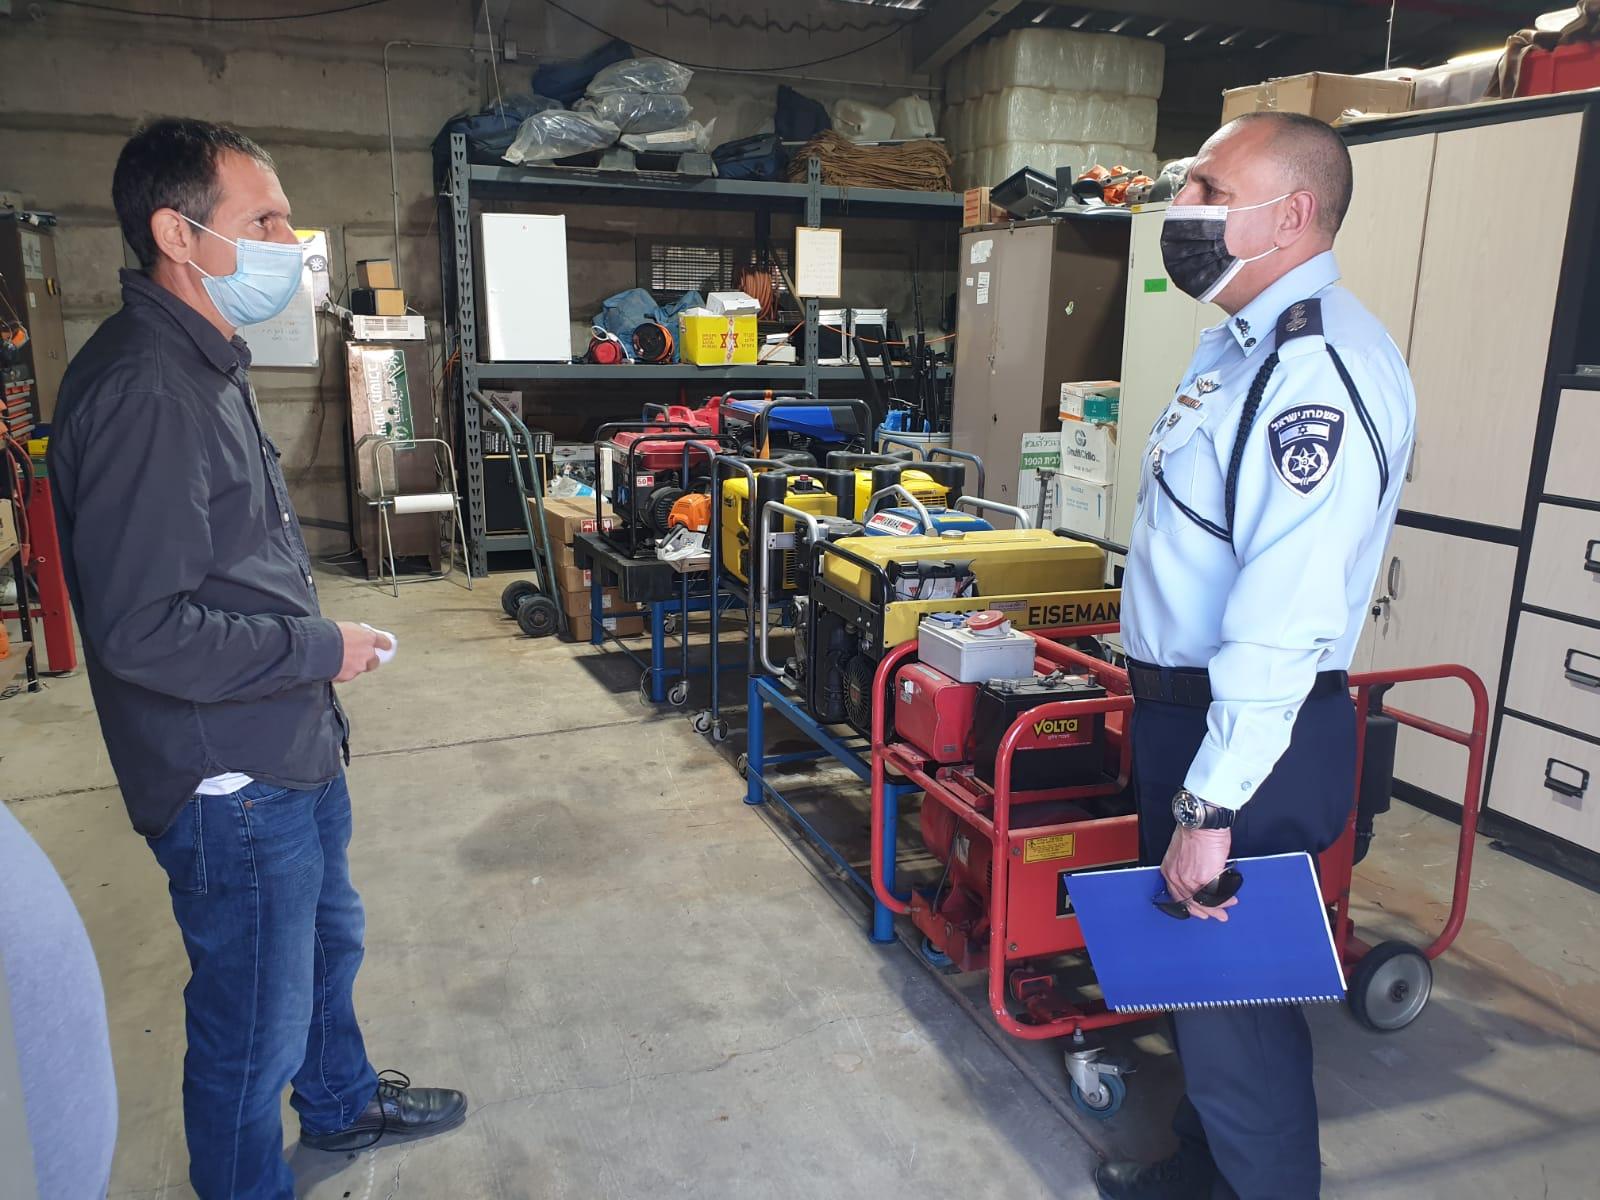 ביקור מפקד מרחב כנרת במשטרה במועצה אזורית הגליל העליון